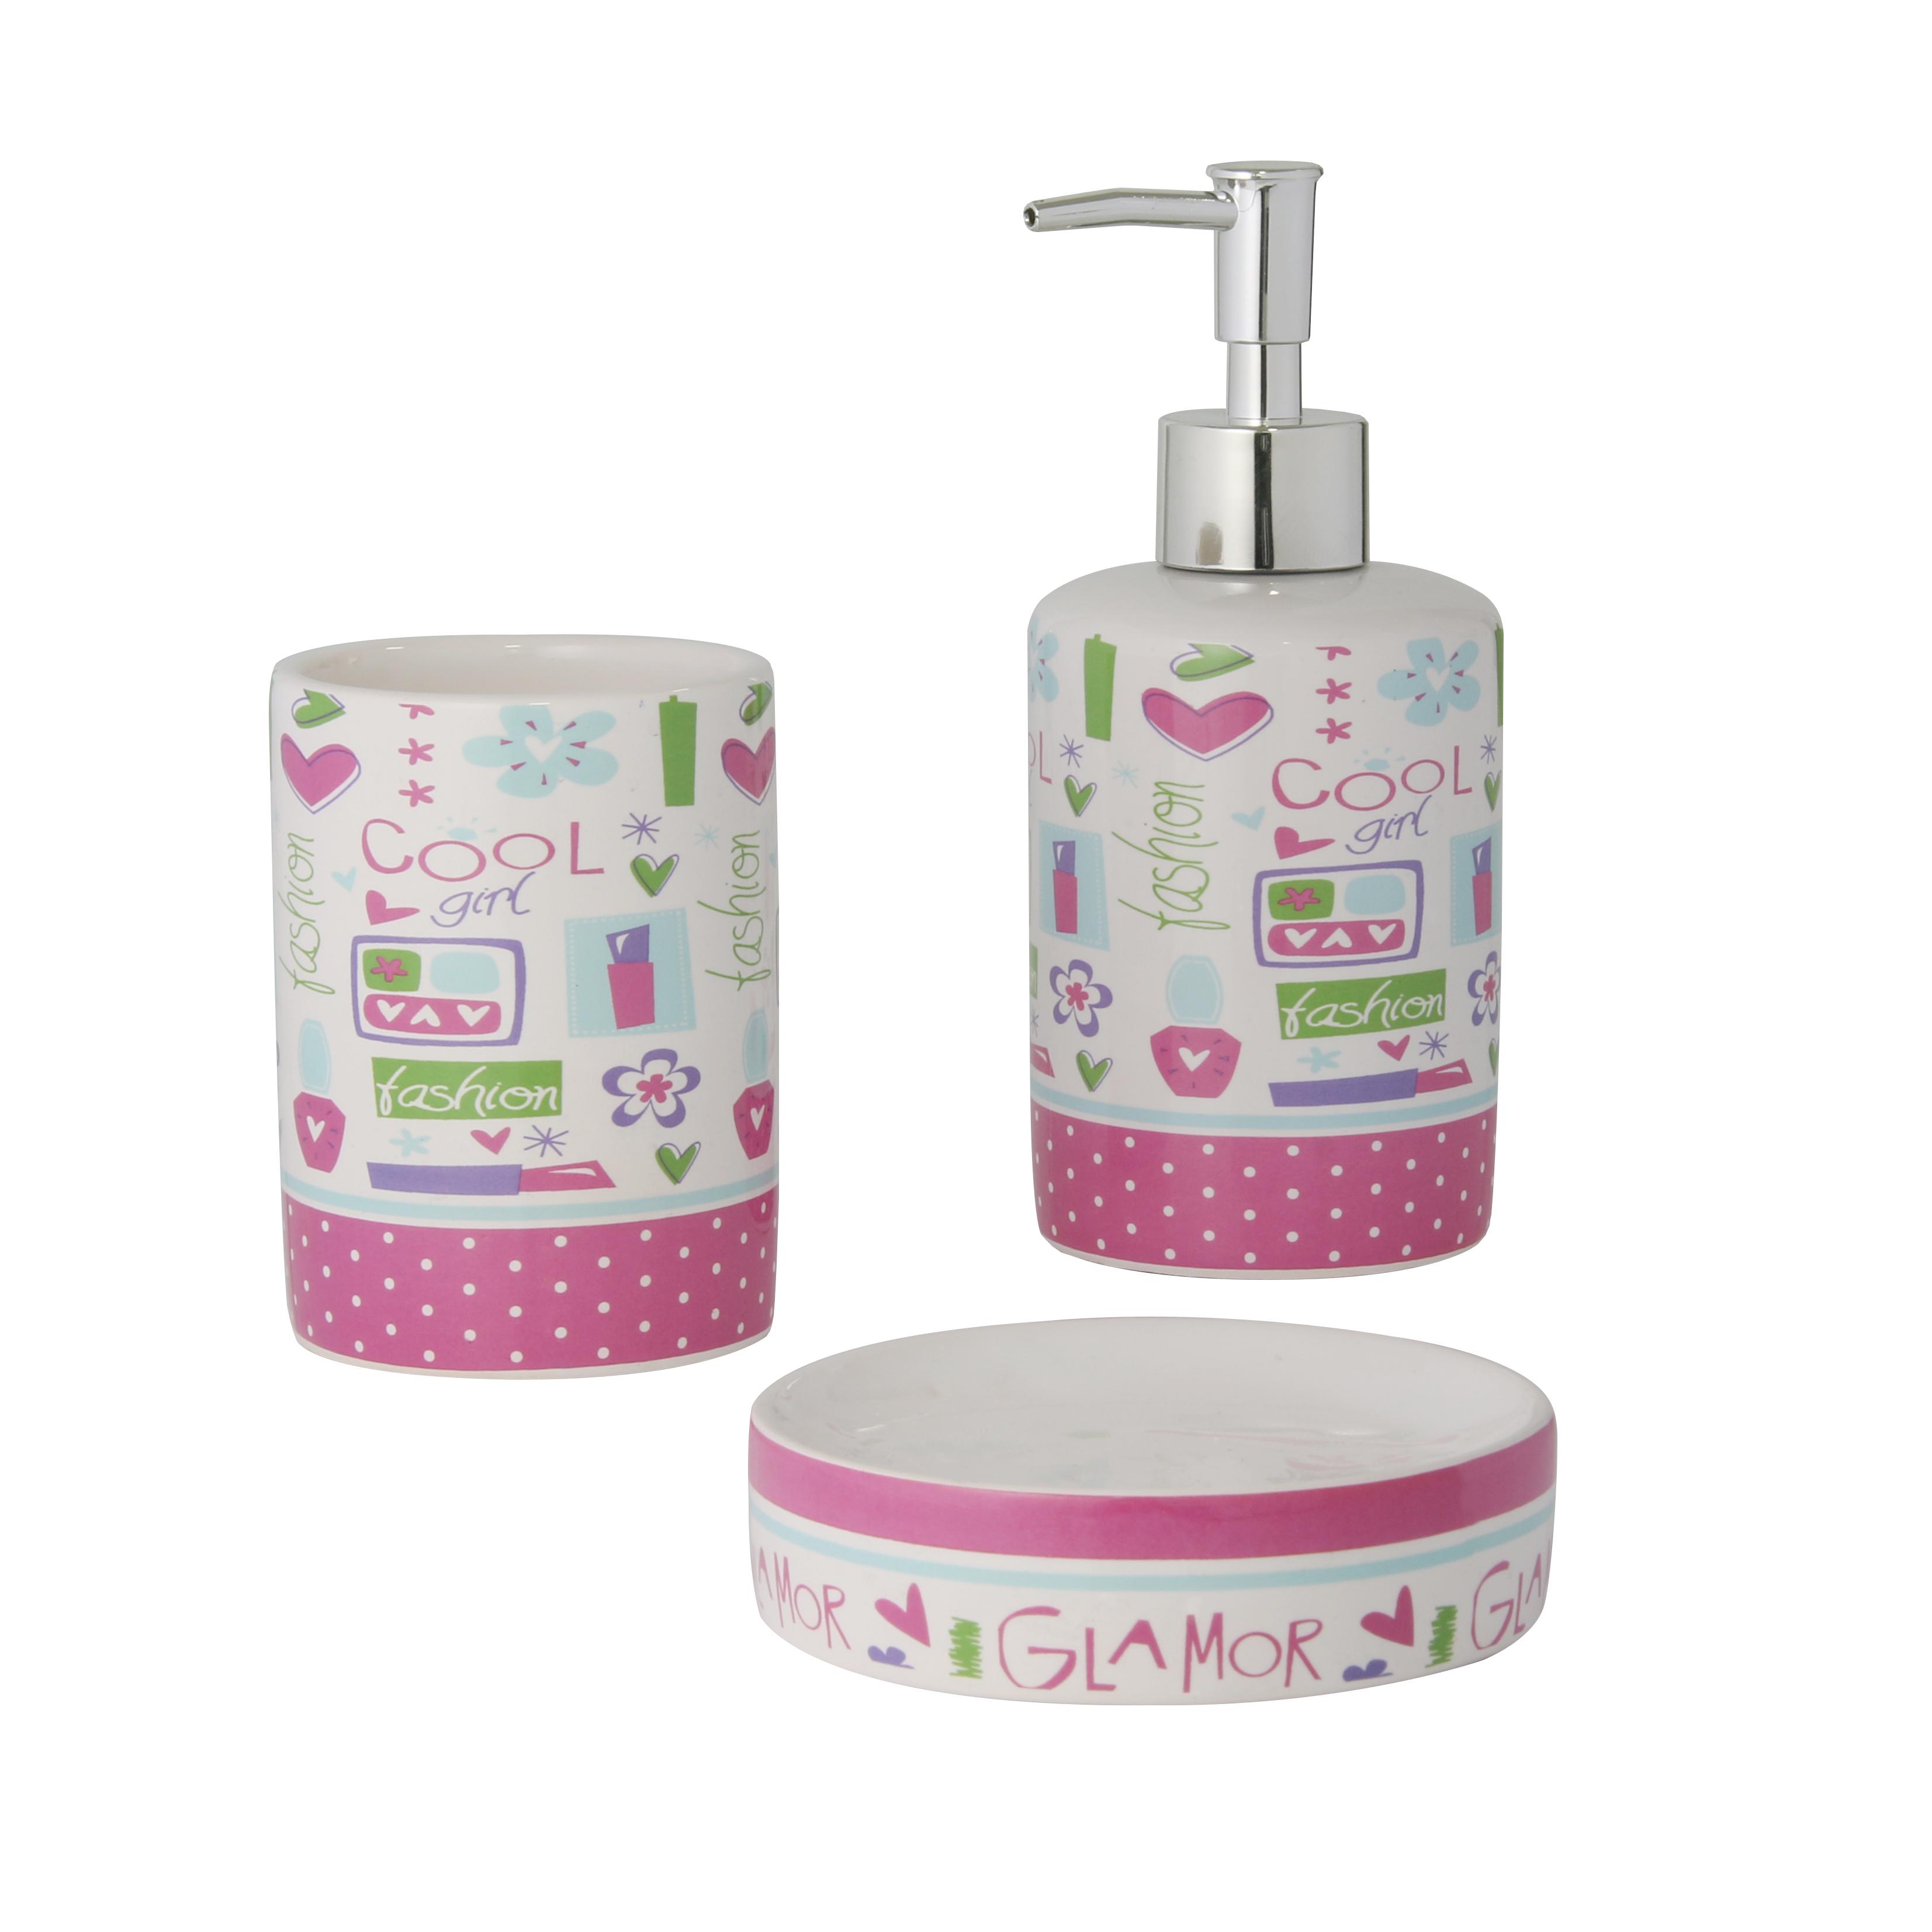 Набор для ванной комнаты Axentia Lily, 3 предмета122501Набор для ванной комнаты Axentia Lily, выполнен из натуральной и элегантной керамики, состоит из стакана для зубных щеток, дозатора для жидкого мыла и мыльницы. Изделия декорированы яркими цветными рисунками.Аксессуары, входящие в набор Axentia Lily, выполняют не только практическую, но и декоративную функцию. Они способны внести в помещение изысканность, сделать пребывание в нем приятным и даже незабываемым. Размер стакана для щеток: 7,5 х 7,5 х 10 см. Размер дозатора: 7,5 х 7,5 х 18 см. Размер мыльницы: 10,5 х 10,5 х 2,5 см.